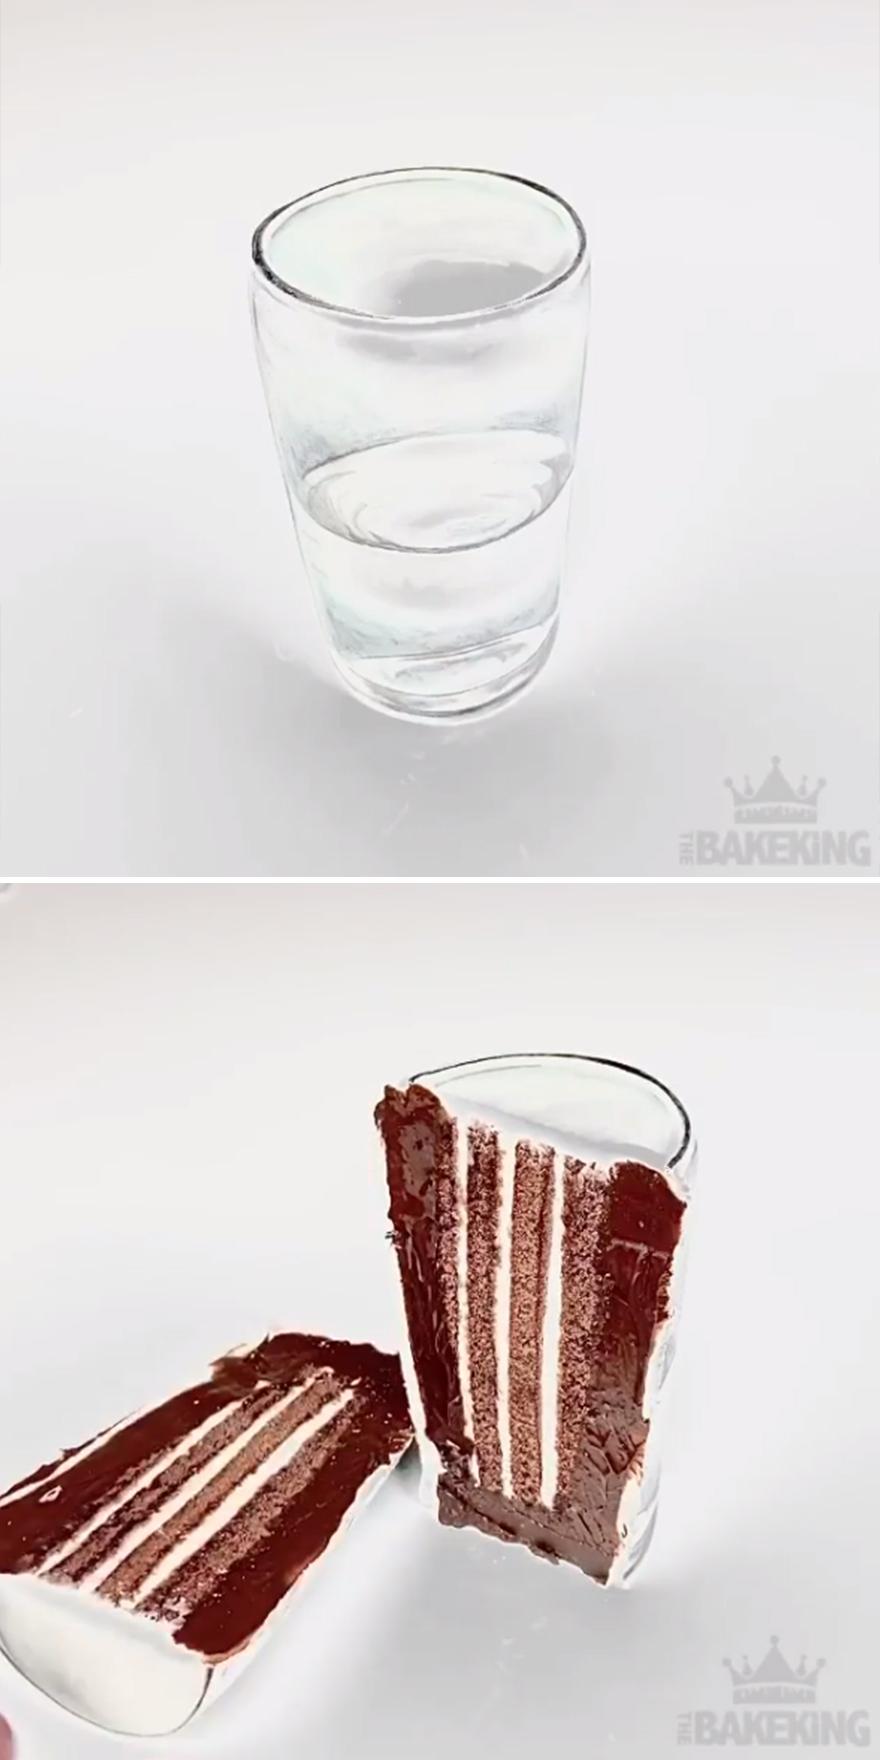 这些居然是蛋糕?我不信!